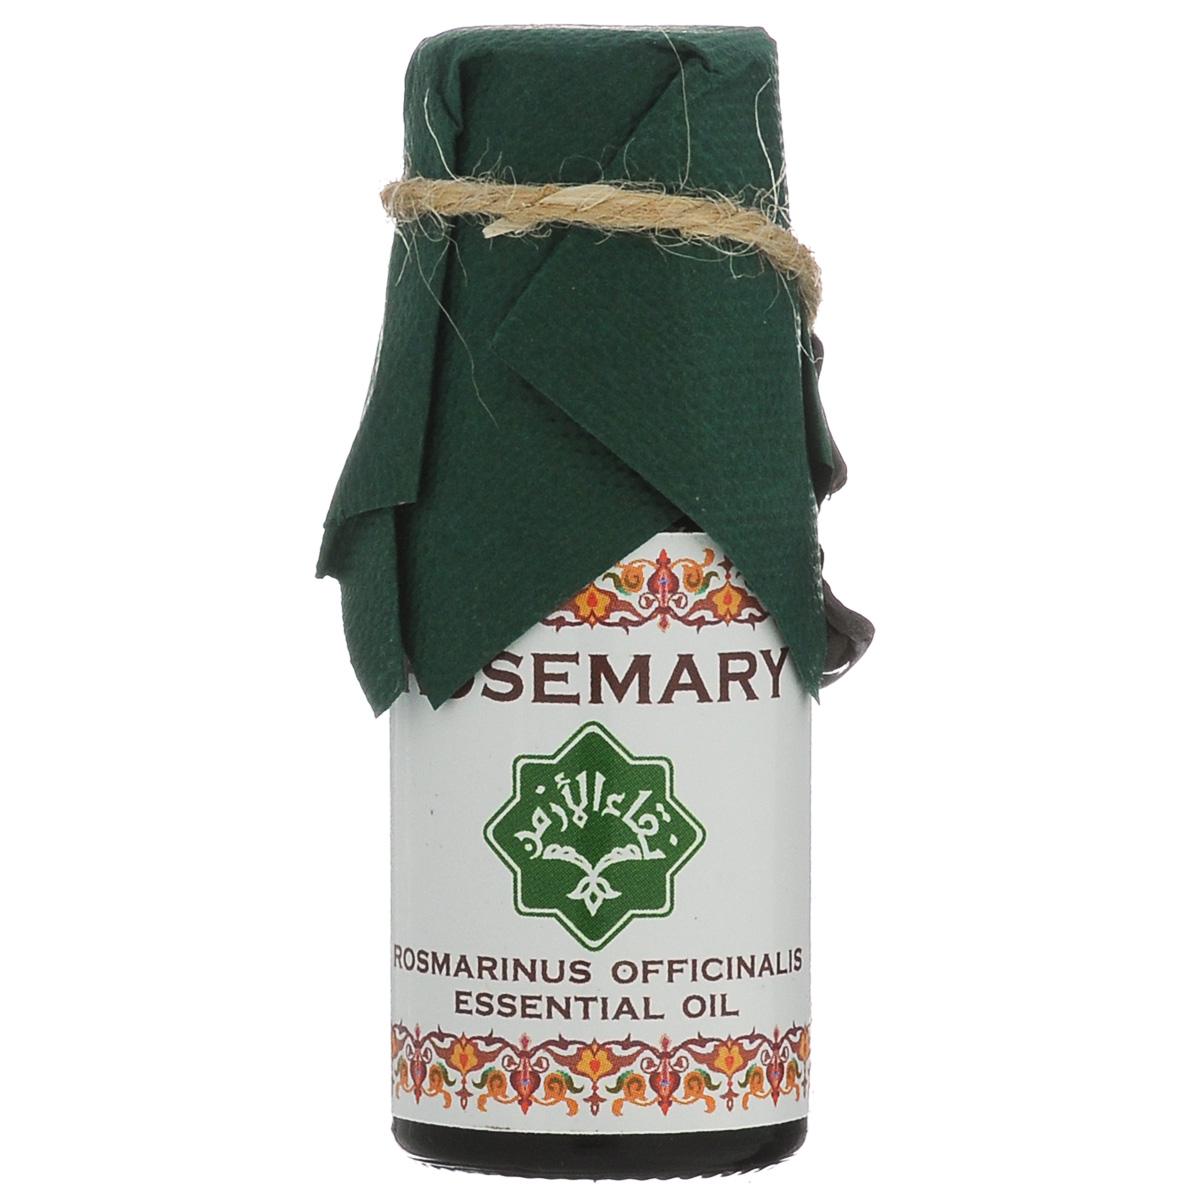 Зейтун Эфирное масло Розмарин, 10 млZ3647Абсолютно чистое, 100% натуральное эфирное масло Розмарина, произведенное в соответствии со стандартом европейской фармакопеи; по своим качествам и свойствам значительно превосходит дешевые аналоги. Применение в ароматерапии: Розмарин способствует концентрации. В аромалампе в детской комнате или в форме ванн розмарин помогает невнимательному и неусидчивому ребенку. Это прекрасное противоядие от утренней ворчливости. Косметические свойства: Эфирное масло розмарина используют для протирания кожи лица перед сном, что делает ее упругой, предохраняет от образования морщин. Полезна для ухода за жирной кожей, при повышенной потливости, целлюлите. Препятствует выпадению волос и образованию перхоти. Лечебные свойства: Общие свойства: стимулирующее общее (подобно мяте, шалфею, чабрецу), кардиотоническое, повышающее давление, улучшающее работу желудка, антисептик легочный, отхаркивающее, вяжущее, прекращает брожение в кишечнике, ветрогонное, антиревматическое,...